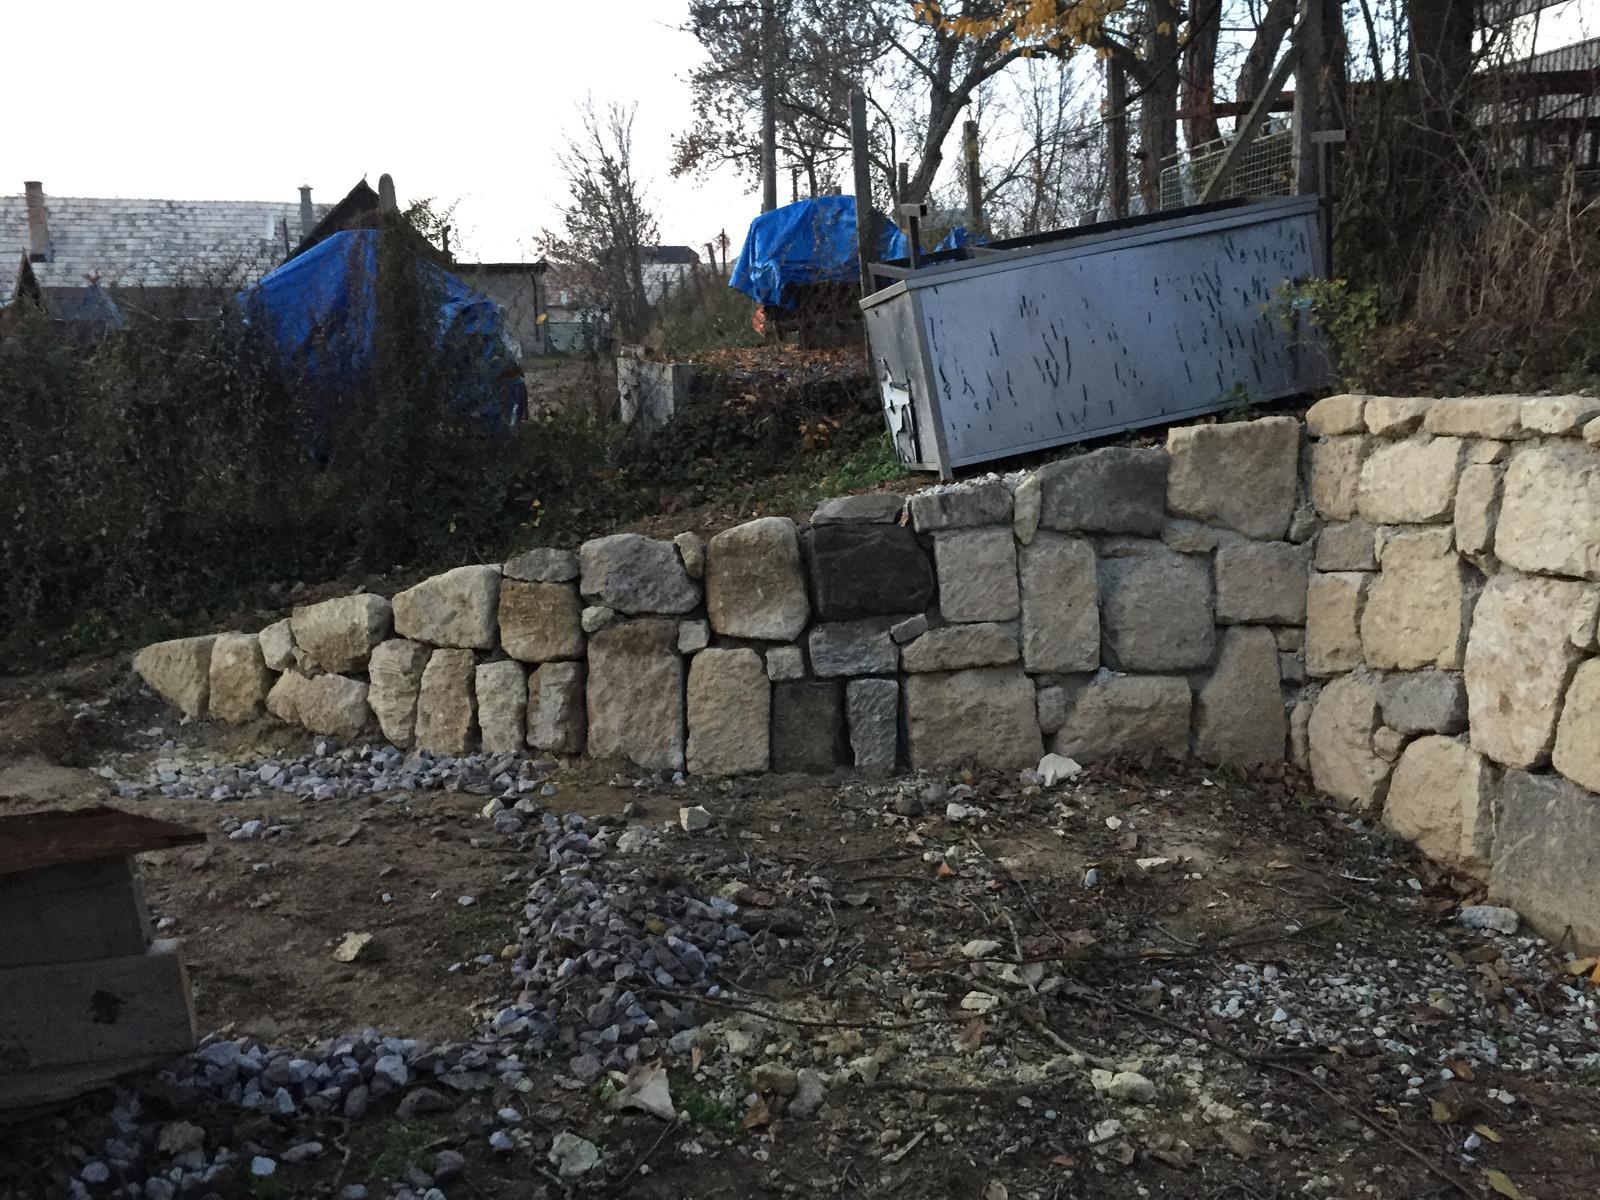 HACIENDA NAPOLI SEBECHLEBY - Nove ukoncenie oporneho muru